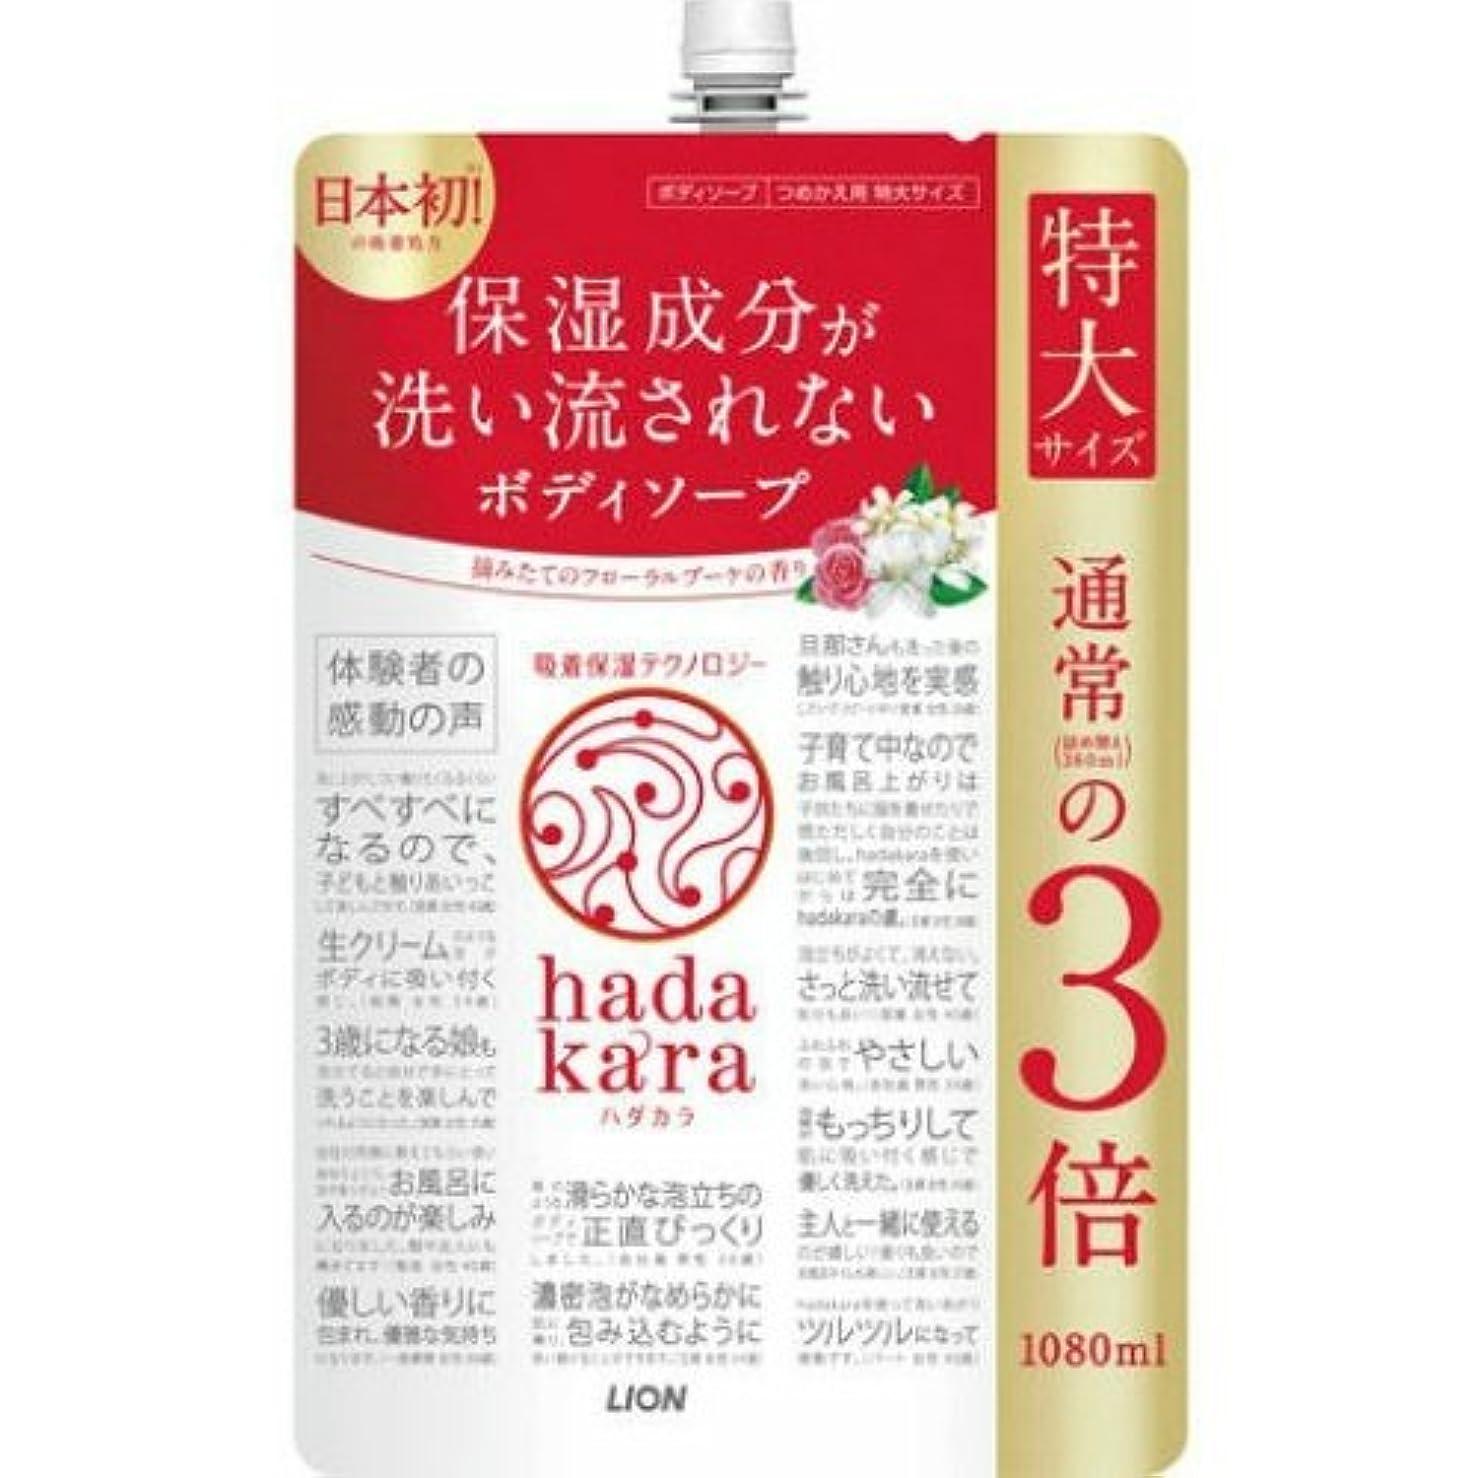 トロリーつぼみ構造的LION ライオン hadakara ハダカラ ボディソープ フローラルブーケの香り つめかえ用 特大サイズ 1080ml ×3点セット(4903301260875)